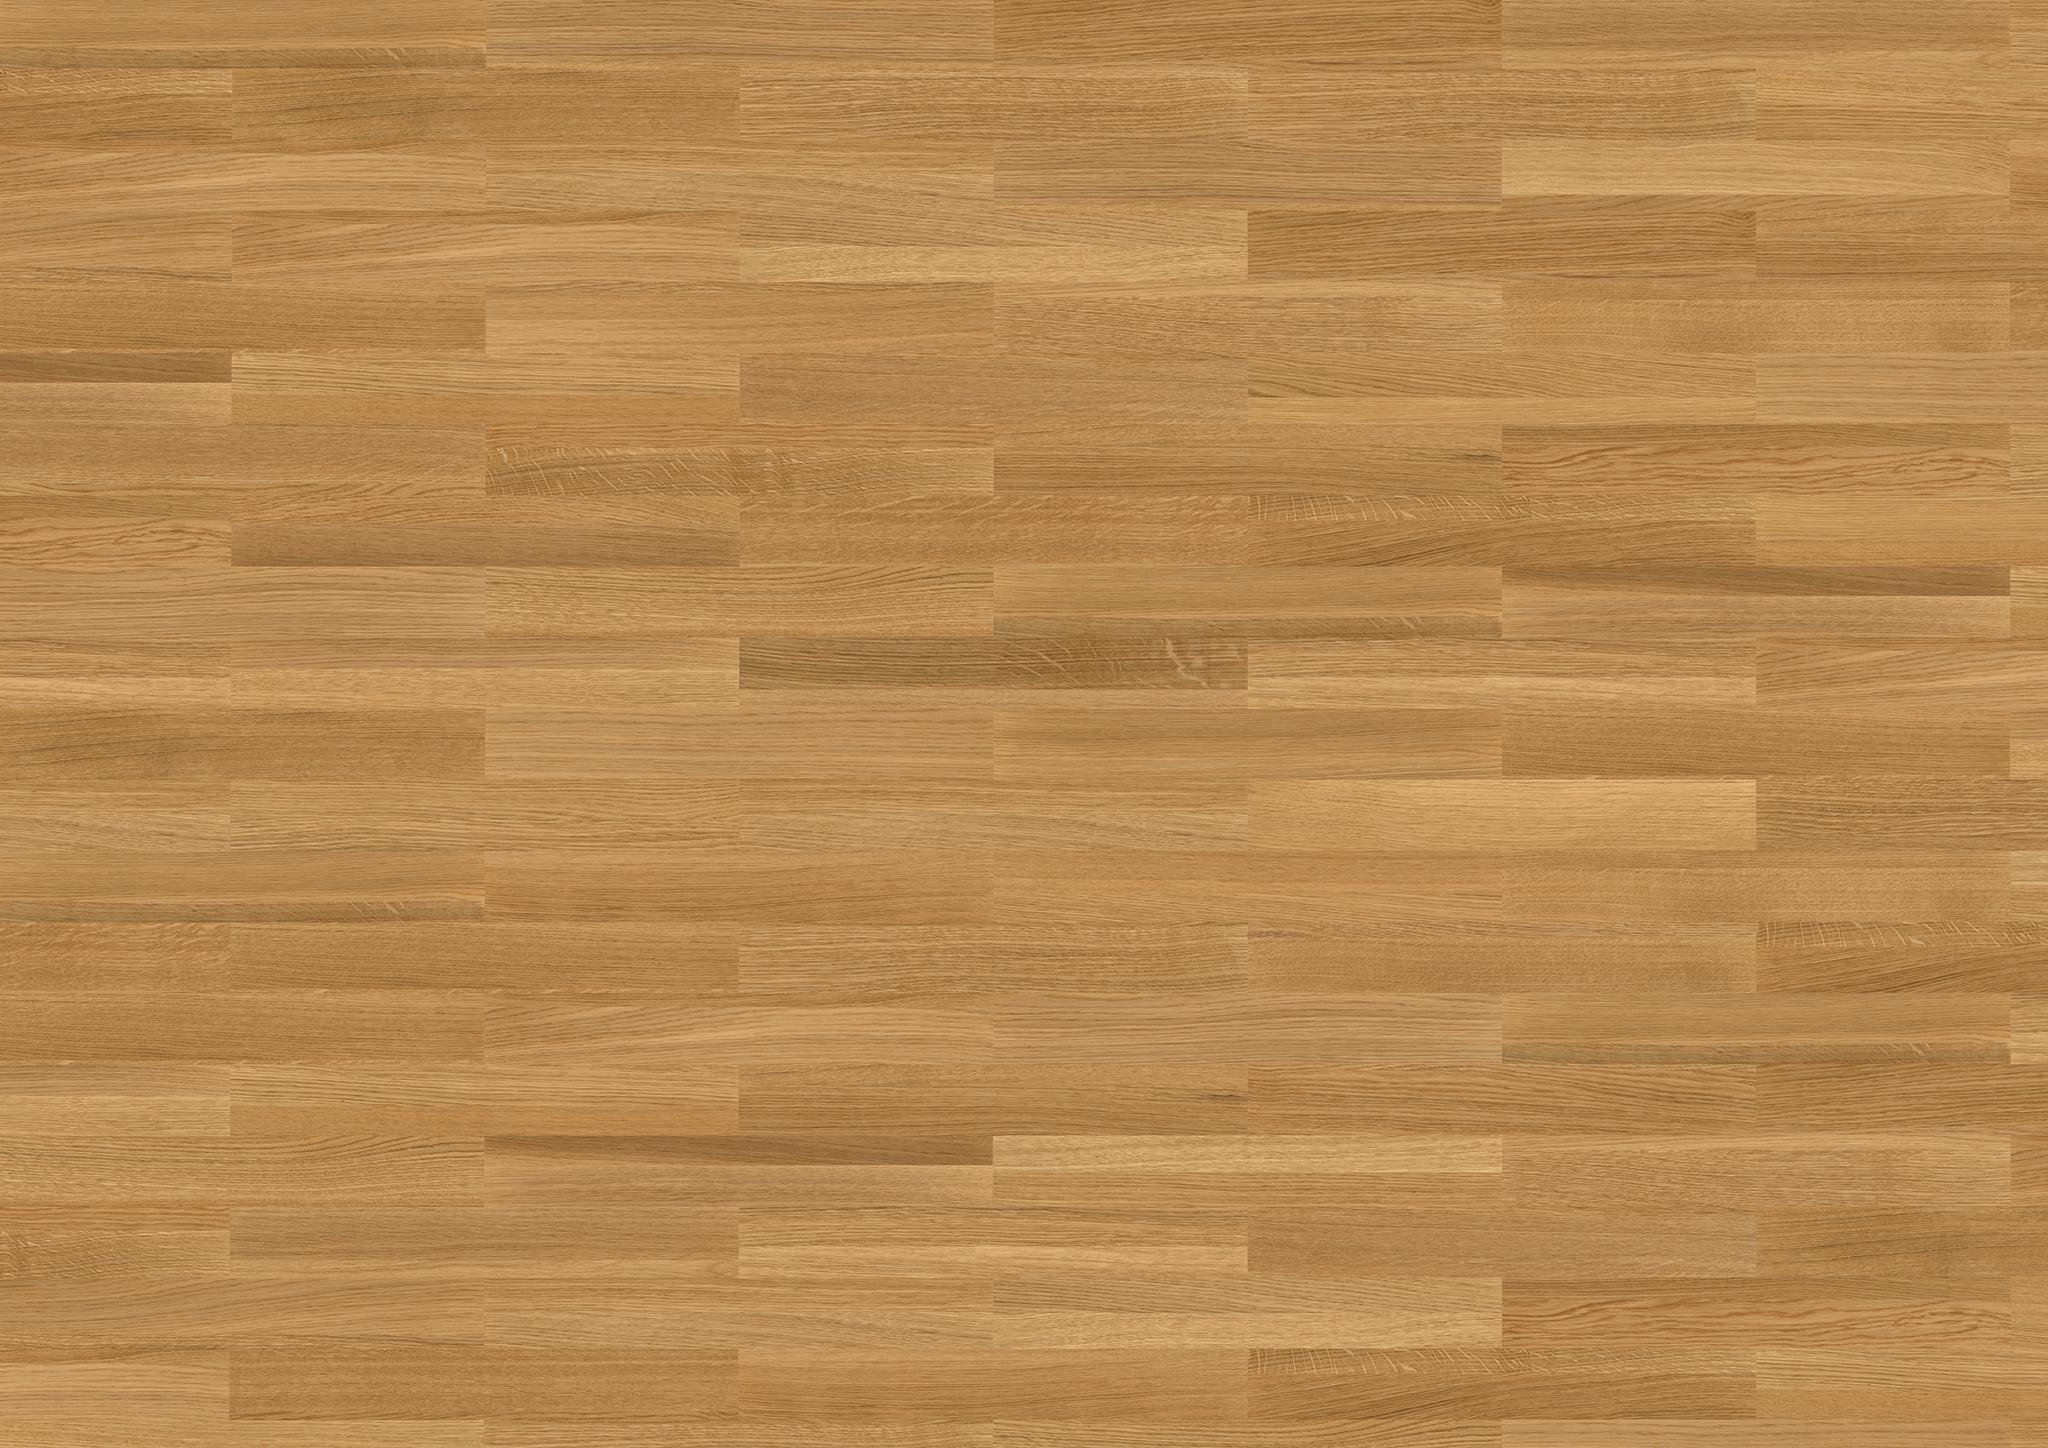 PARAT Dos Oak Premium laquered